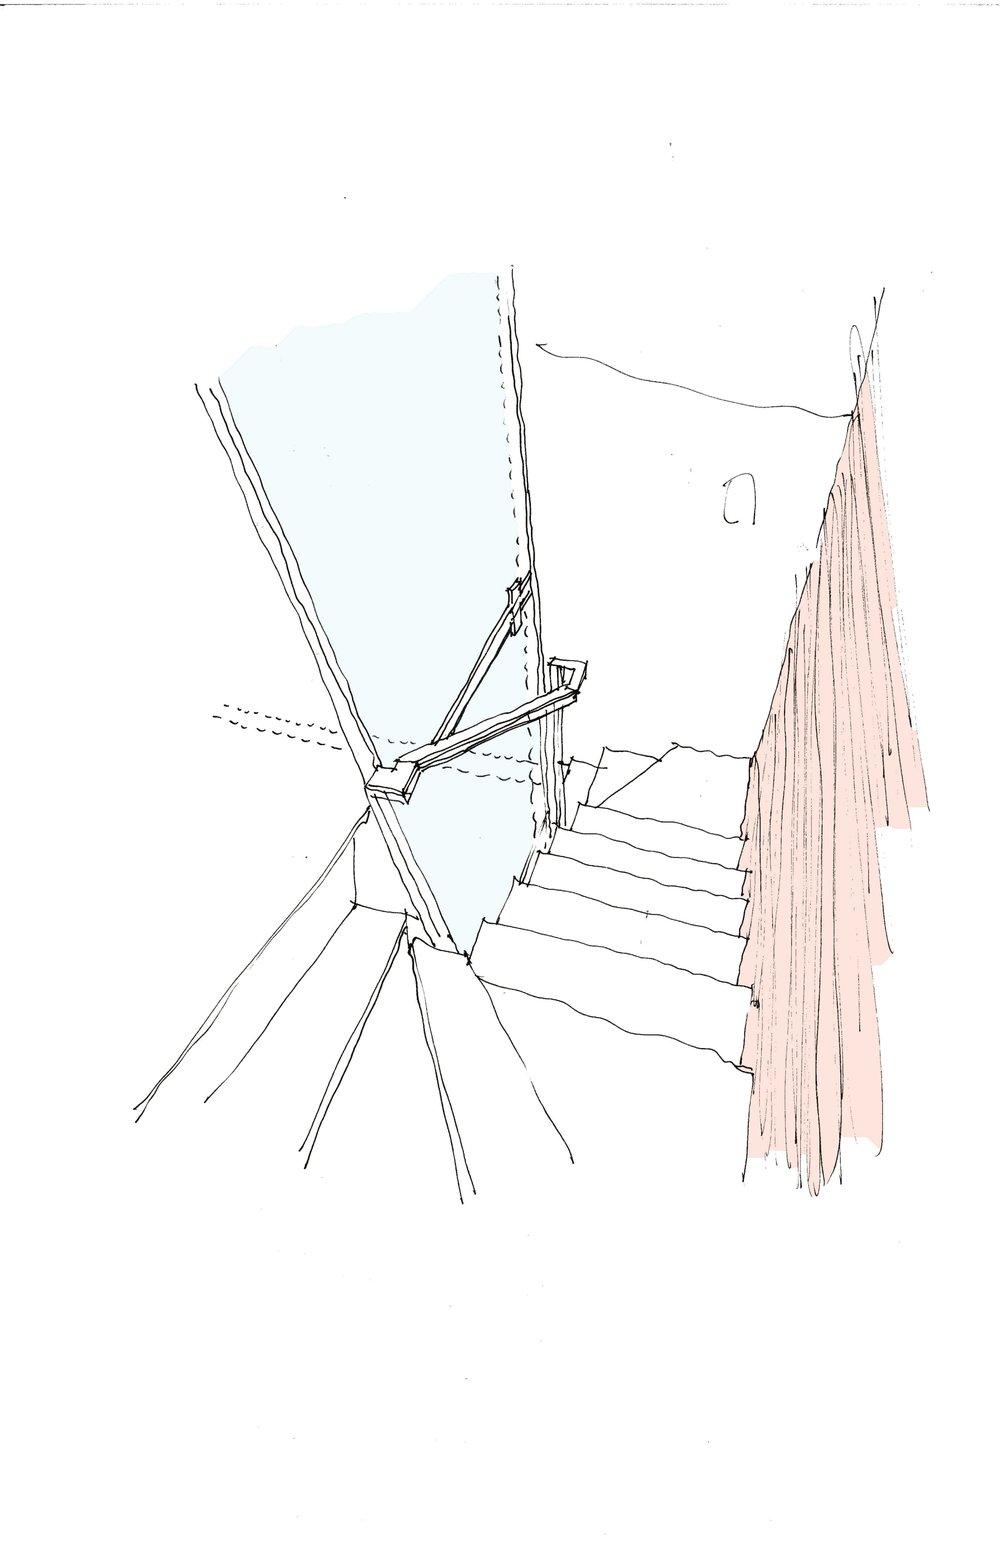 stair-3d-1.jpg